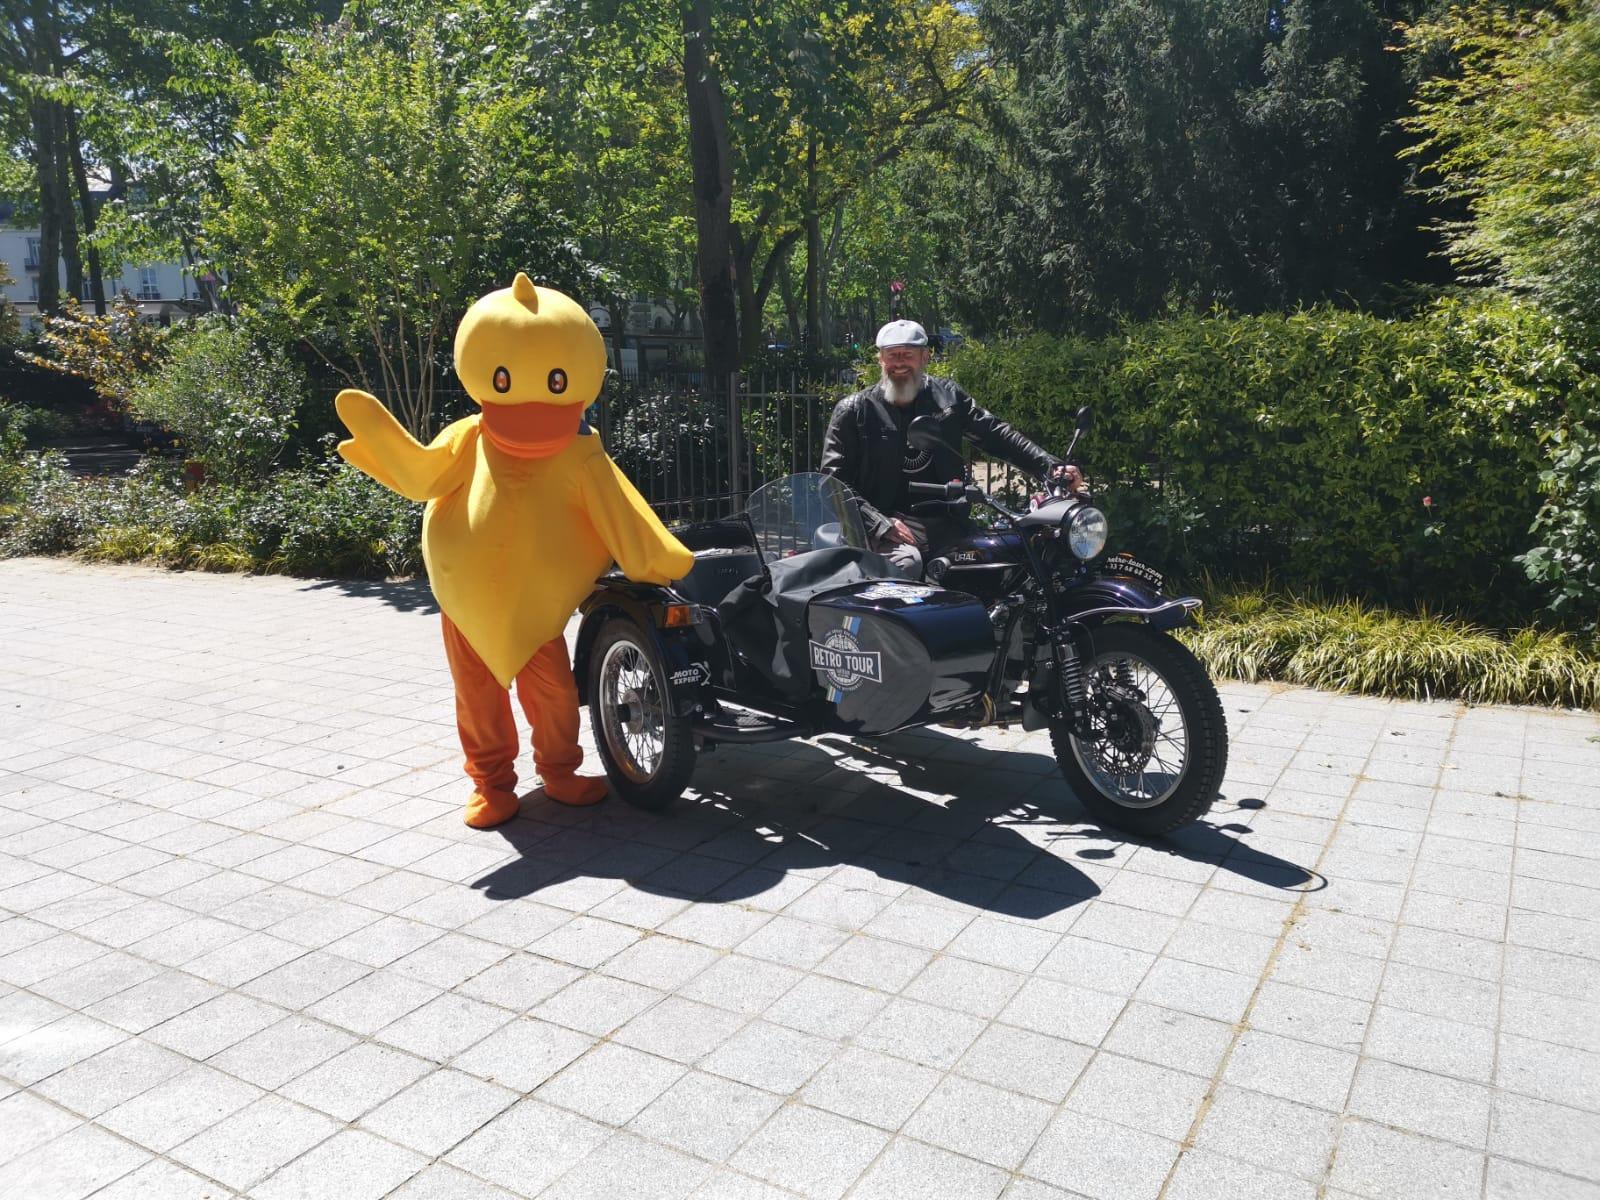 Notre ami Fred, est un grand passionné de motos. Il veut faire découvrir la Touraine les cheveux au vent, ça c'est Retro Tour.